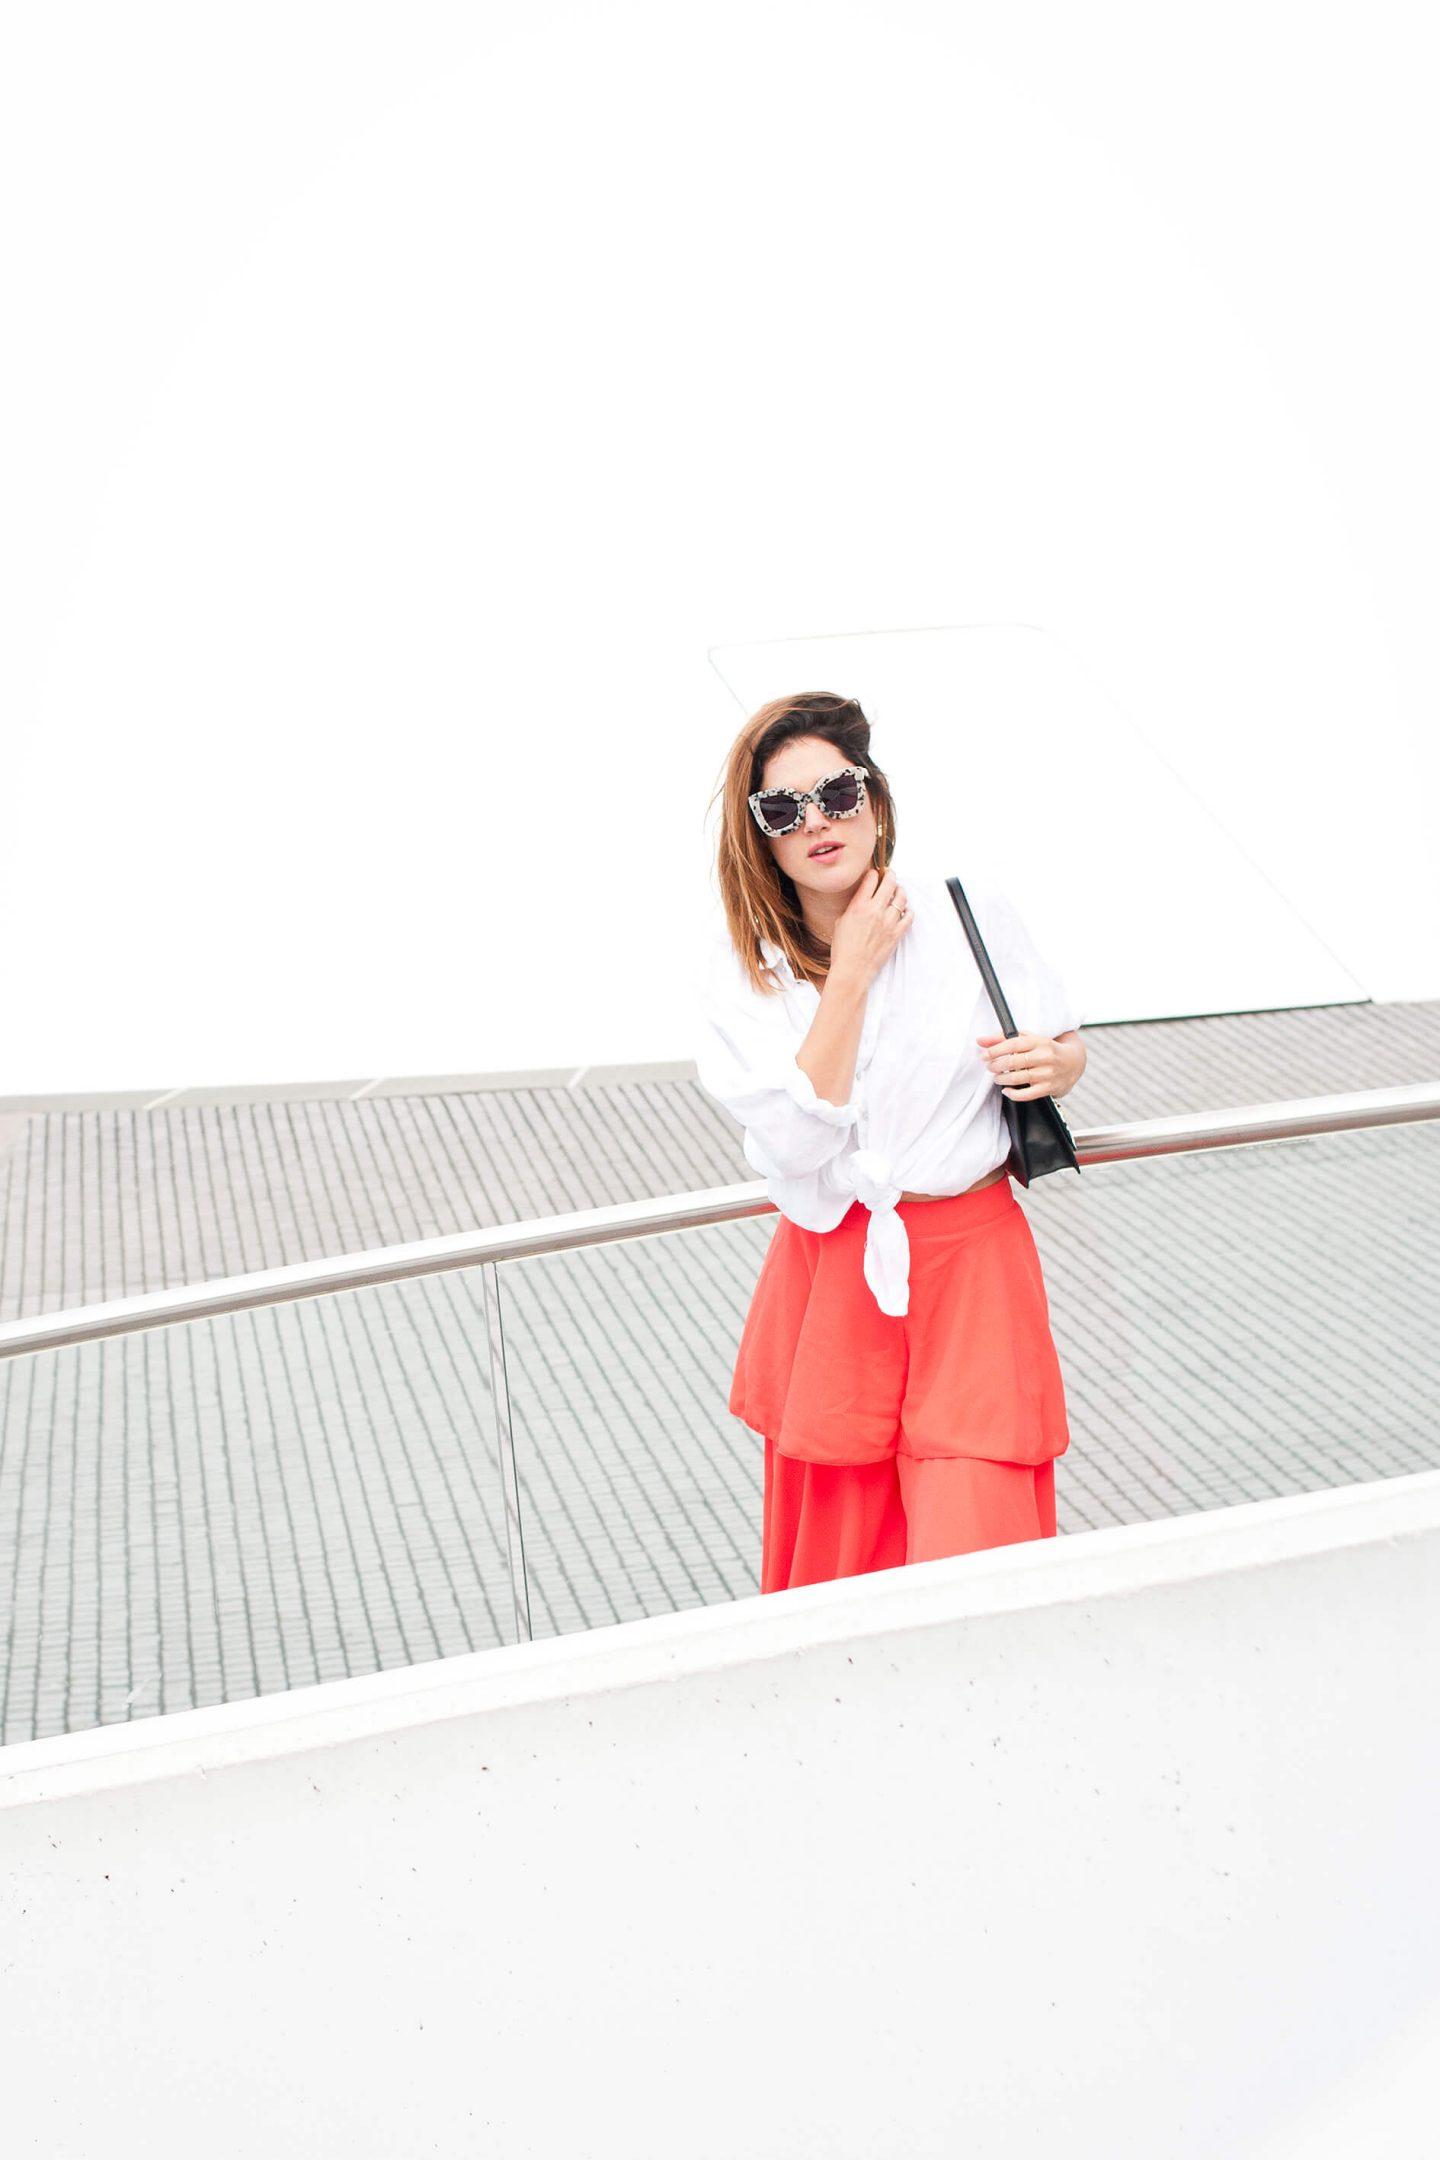 look chemise blanche en lin Sud Express pantalon rouge Boohoo L'atelier d'al blog mode Lifetsyle Paris